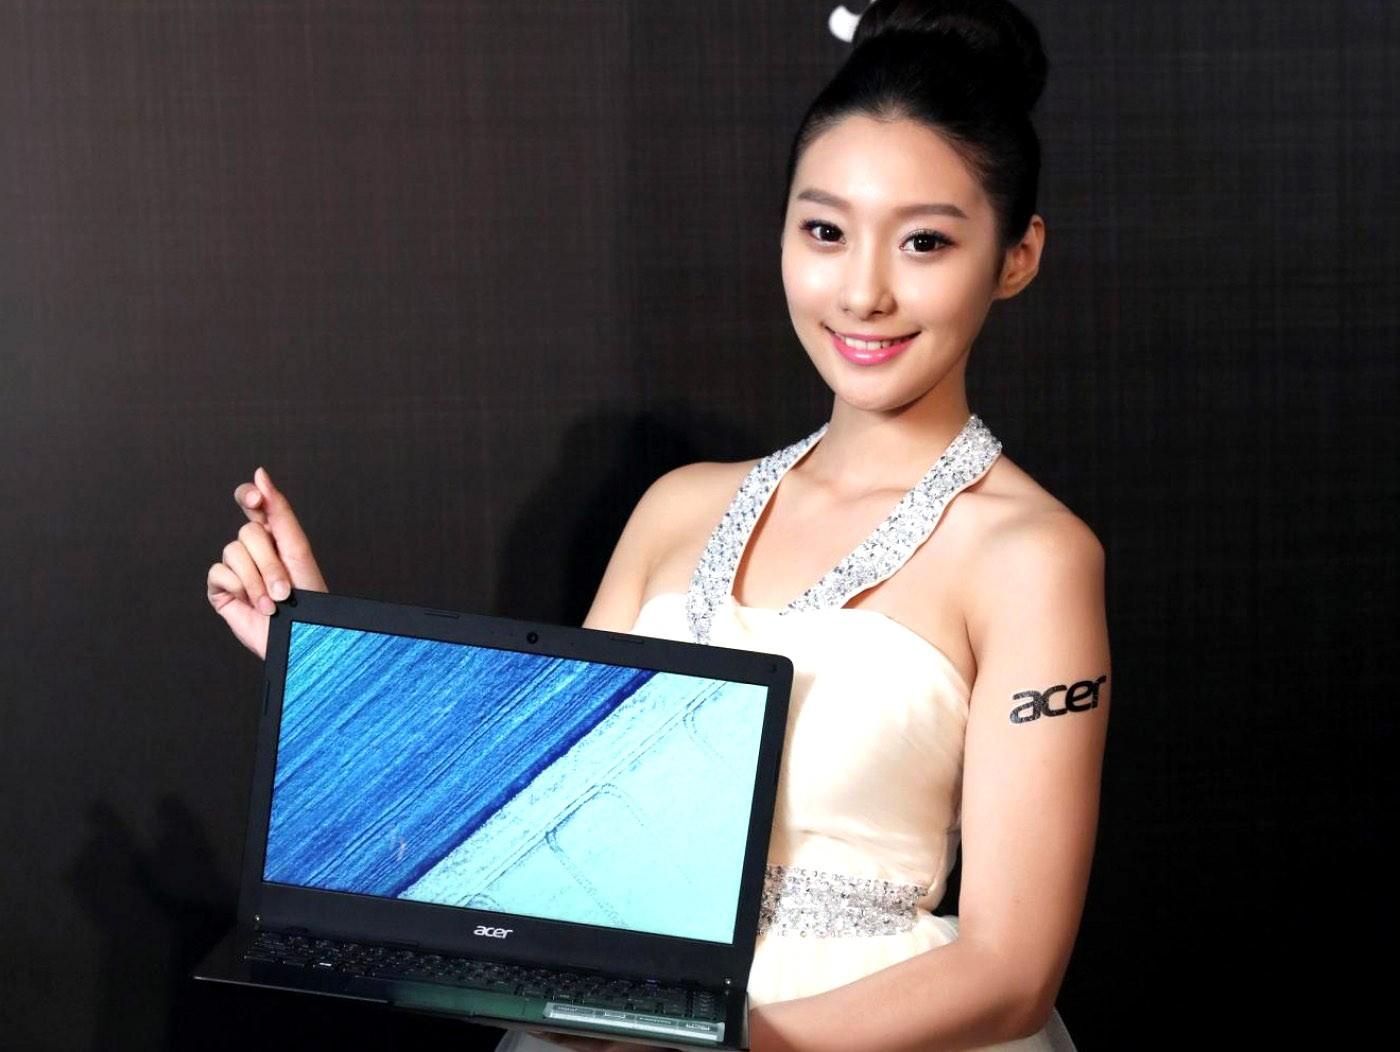 台灣家用筆電市場衰退,宏碁逆勢上攻